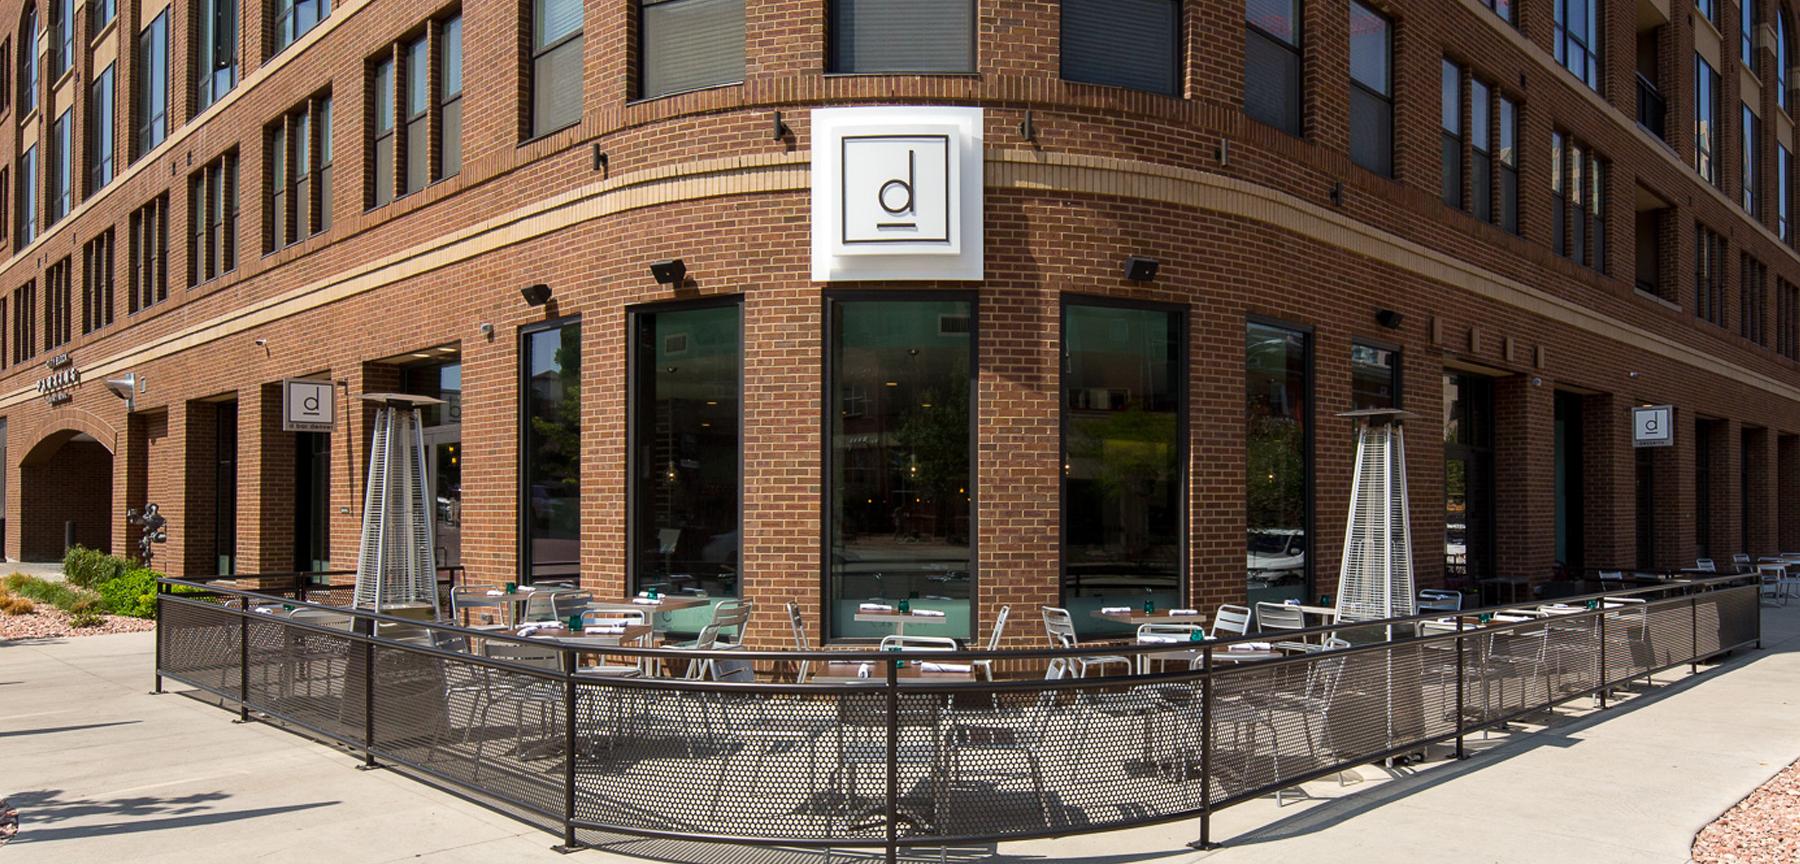 D Bar Denver patio